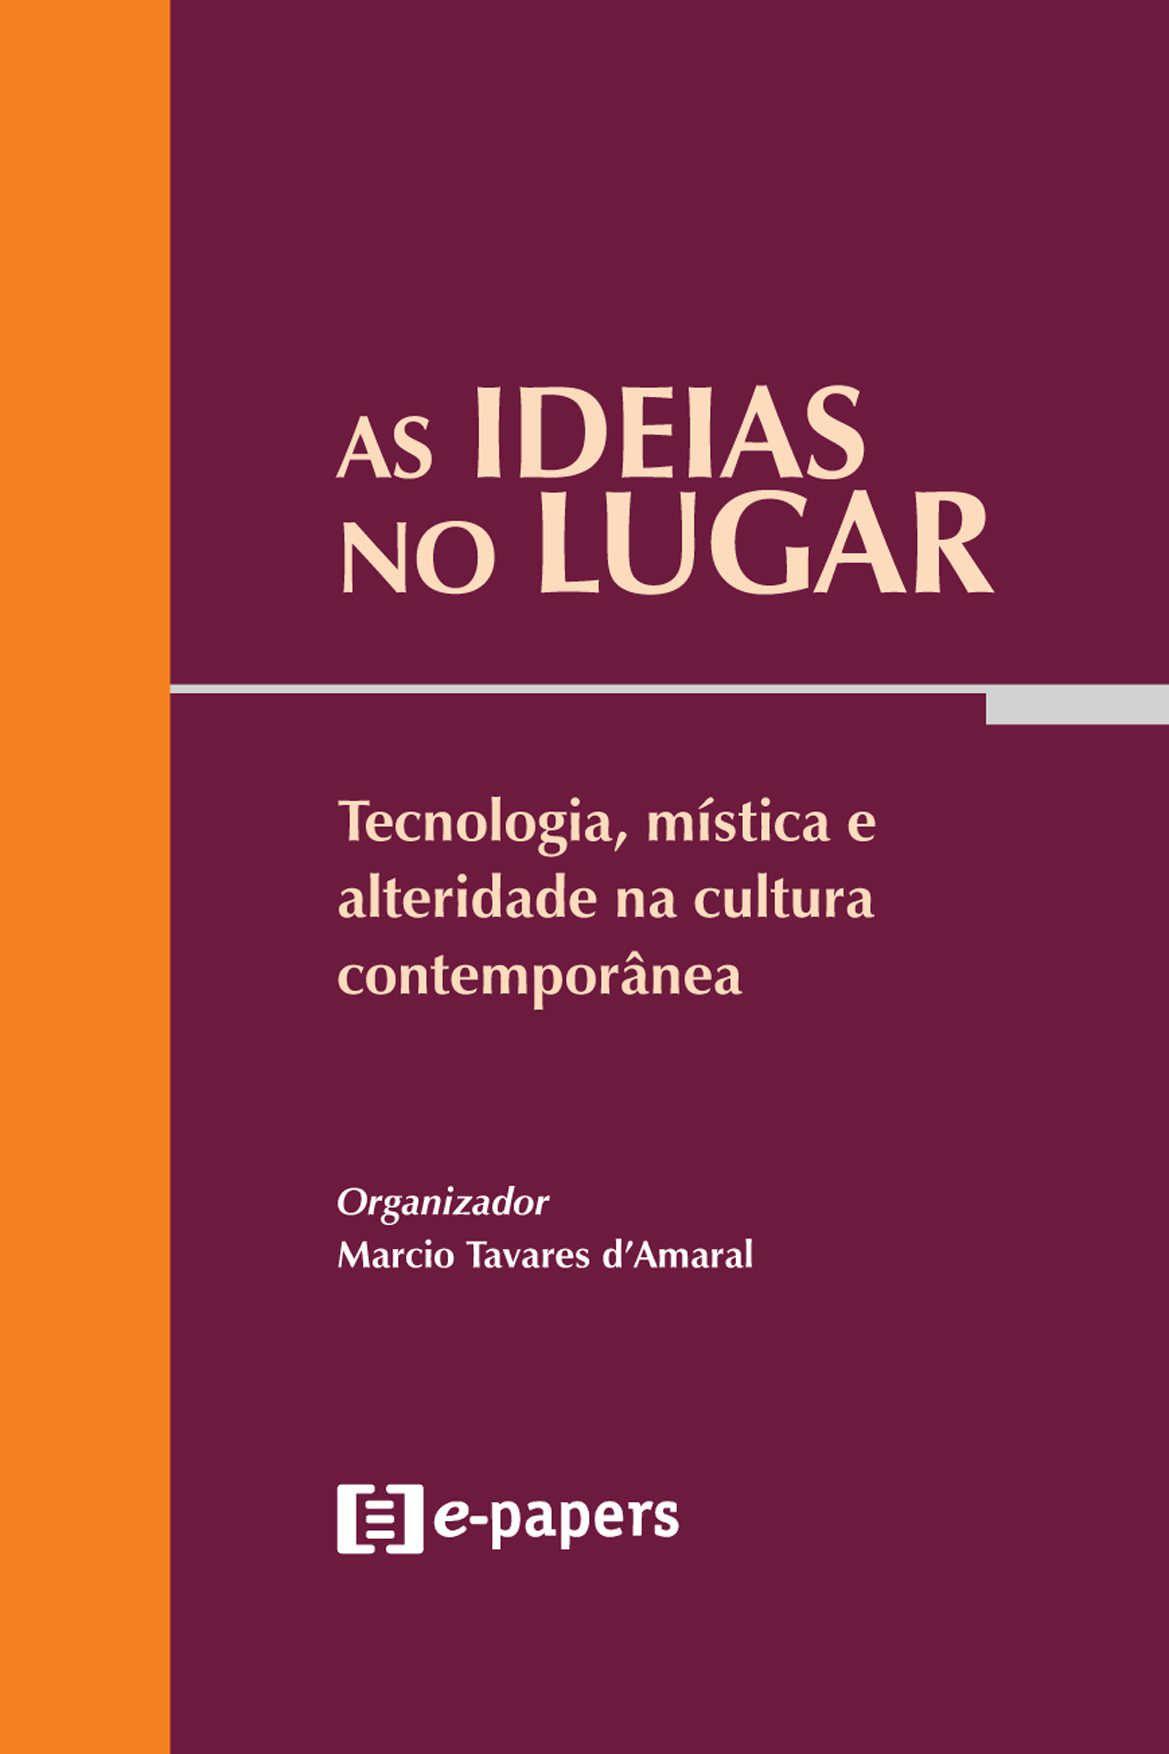 As ideias no lugar: Tecnologia, mística e alteridade na cultura contemporânea